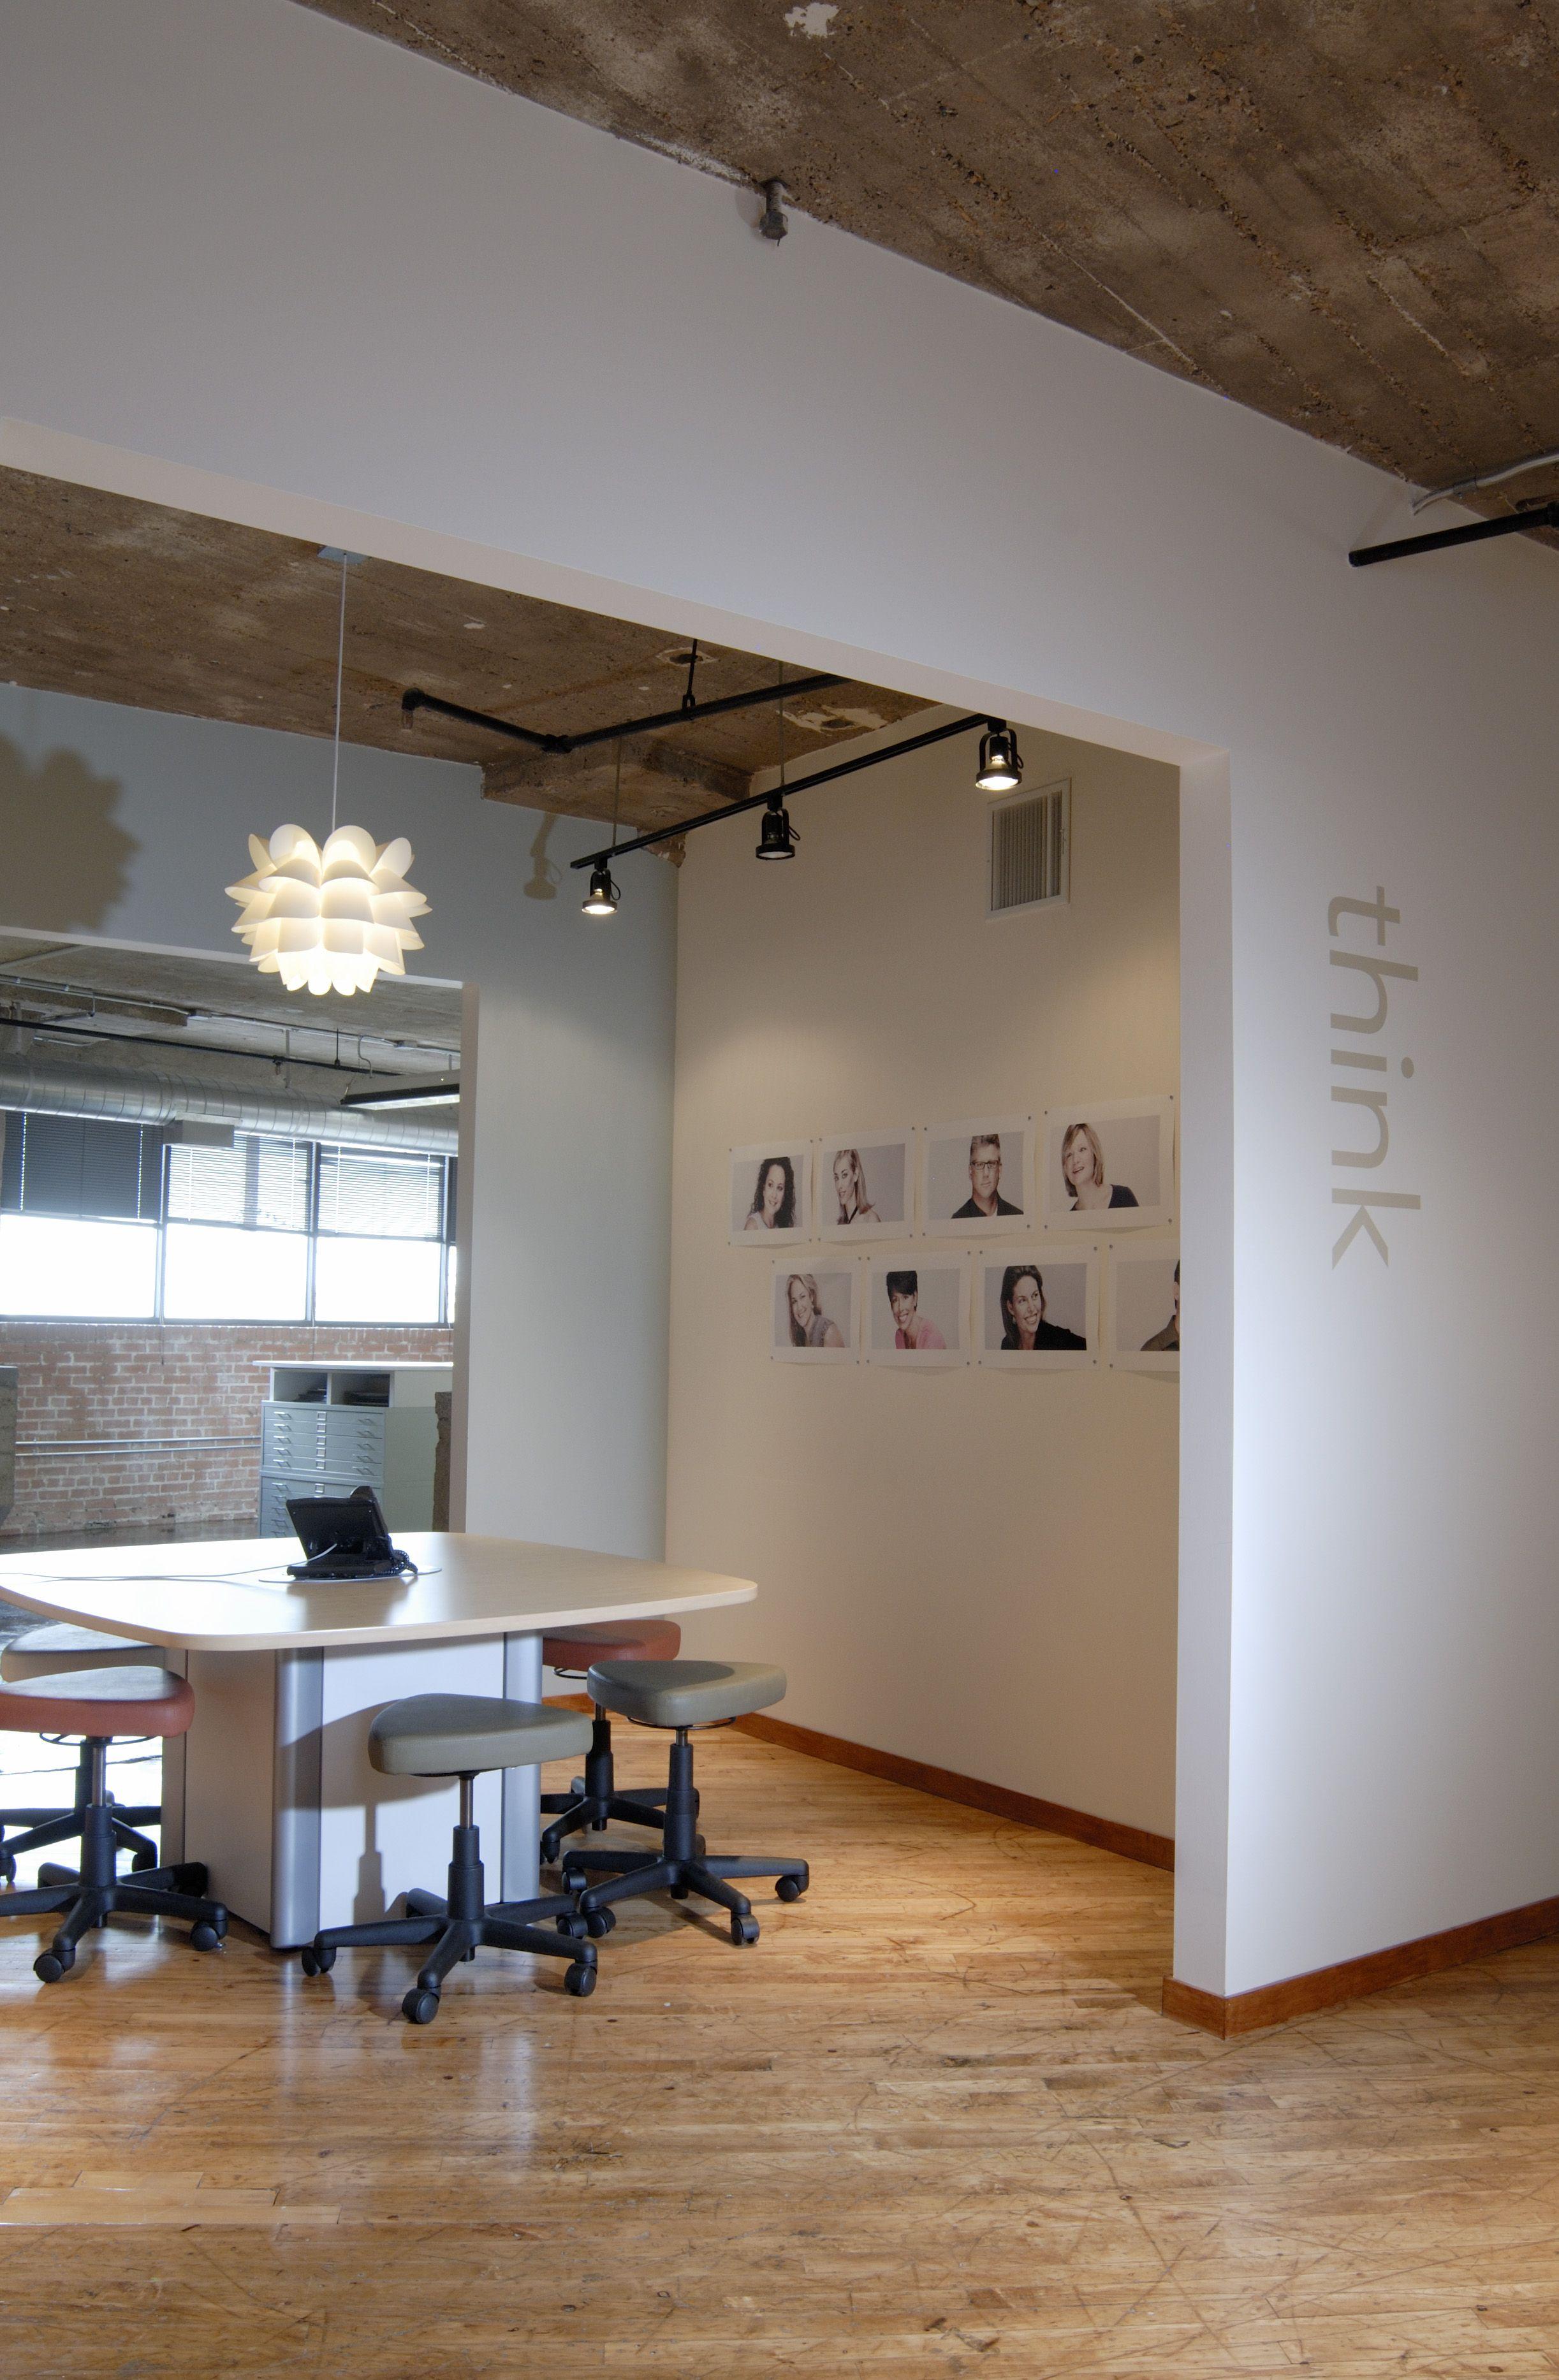 Masonbaronet Office Space War Room Cool Office Space Open